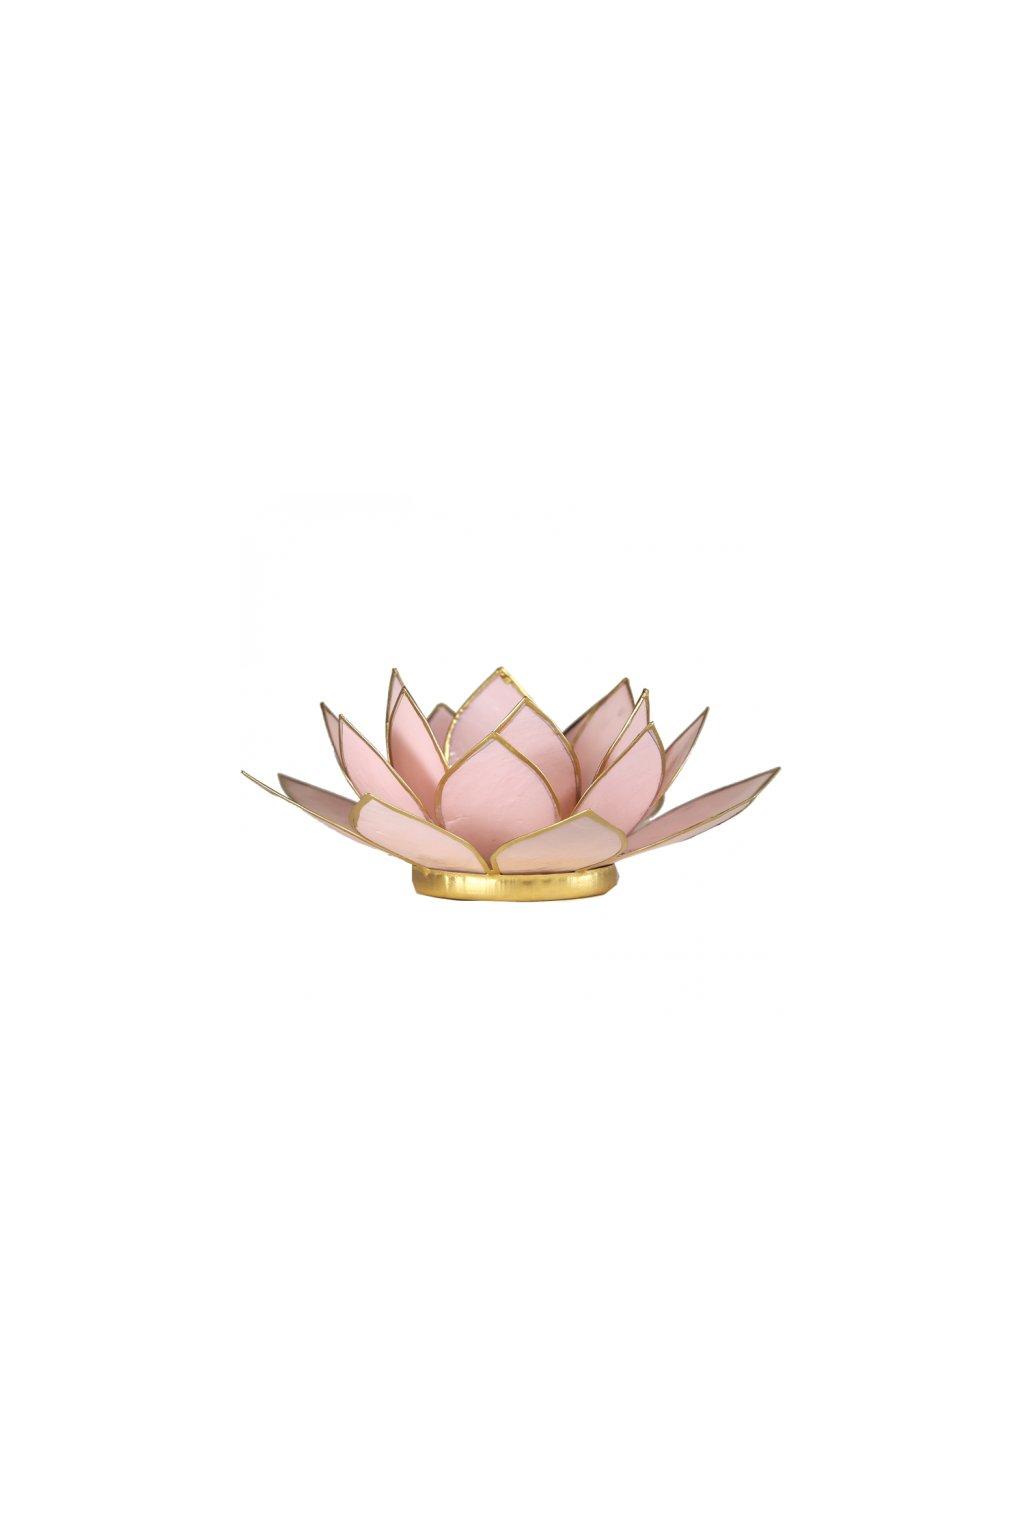 Lotosový svícen - pastelově růžová